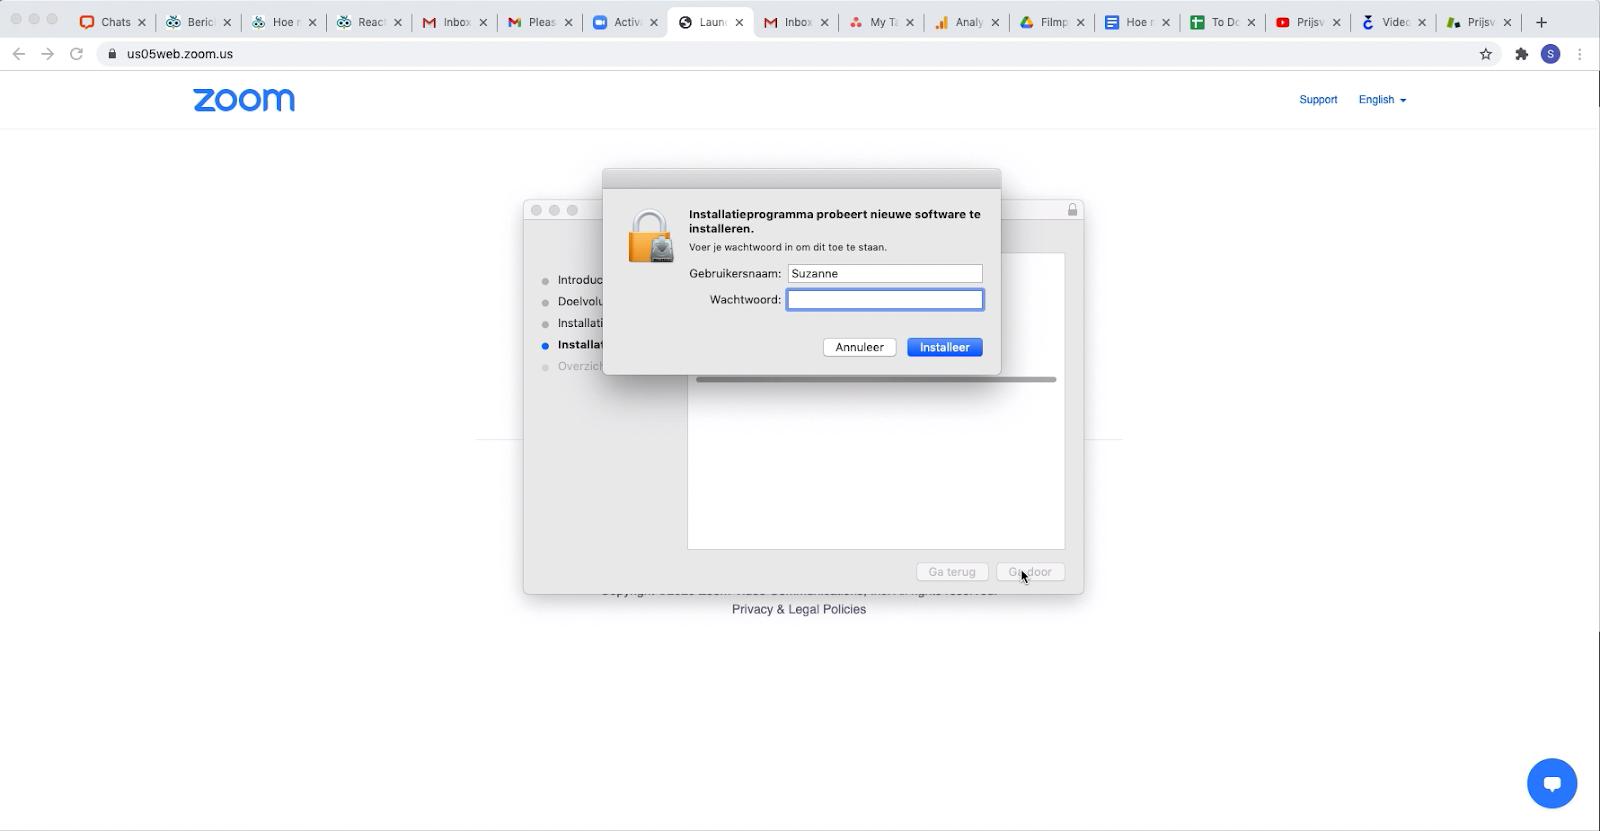 Screenshot: Zoom toestemming geven voor installatie